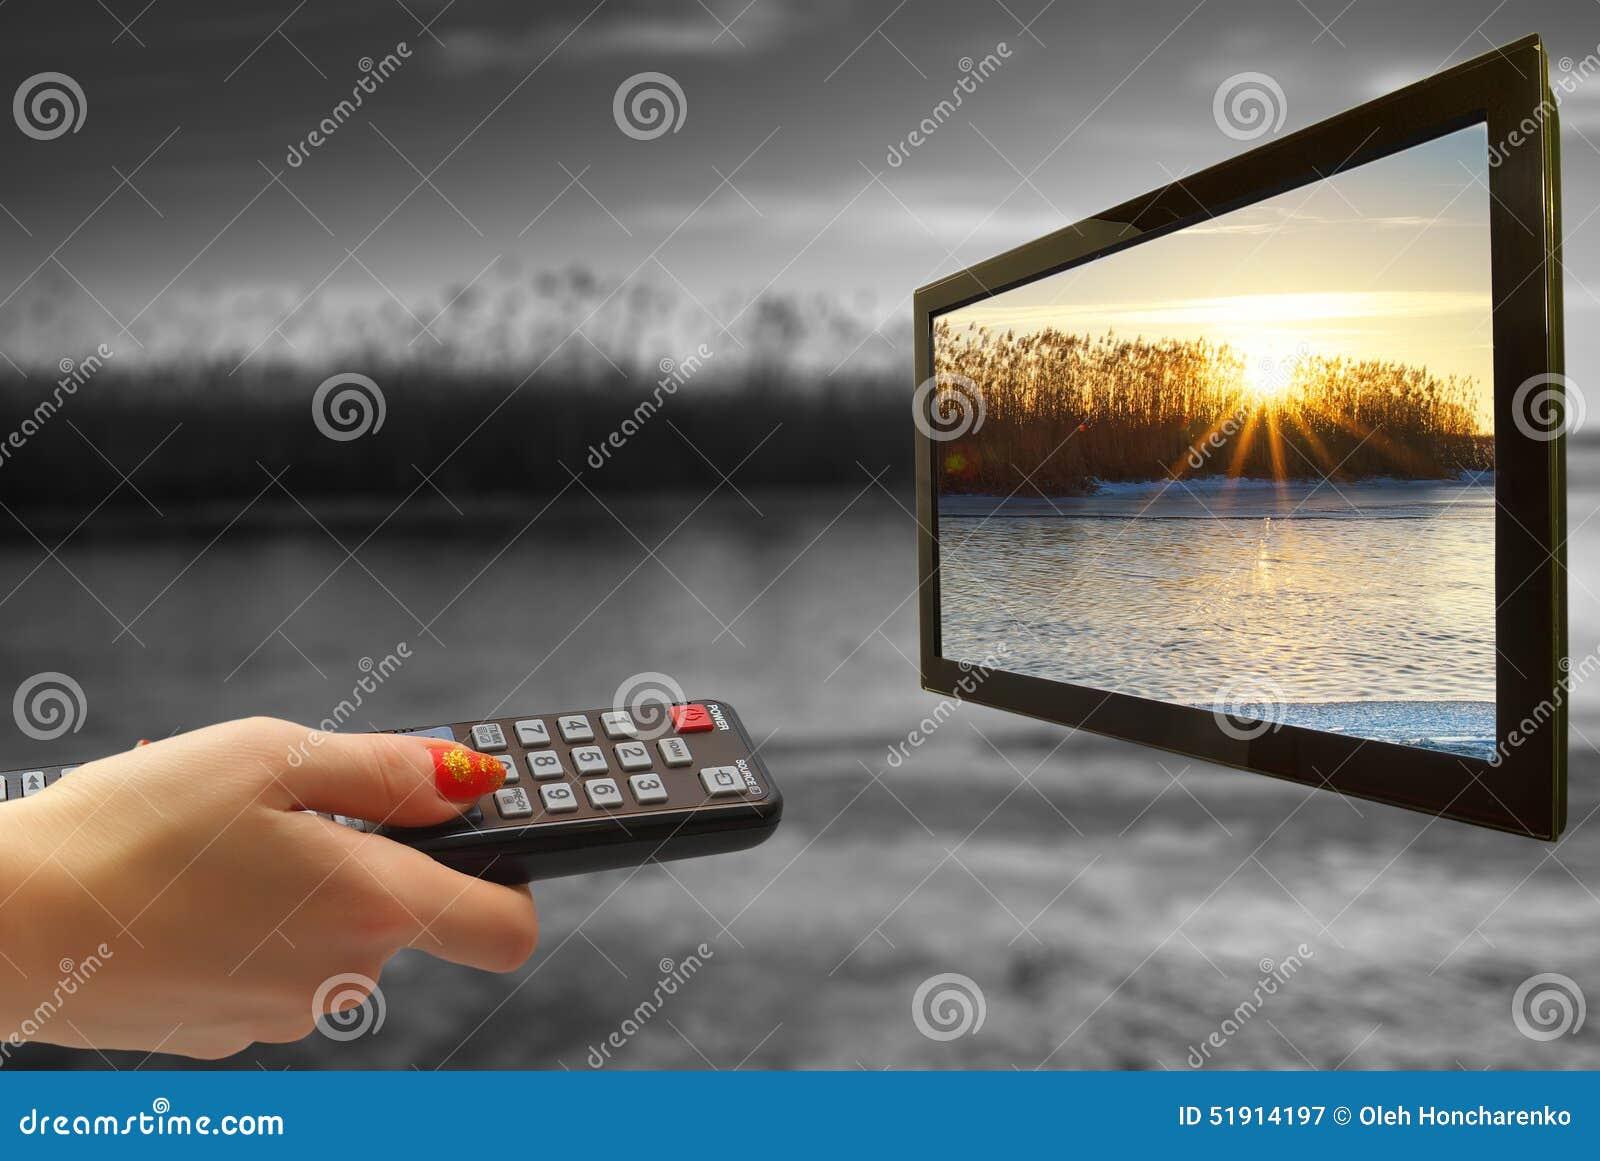 Τηλεχειρισμός υπό εξέταση και TV